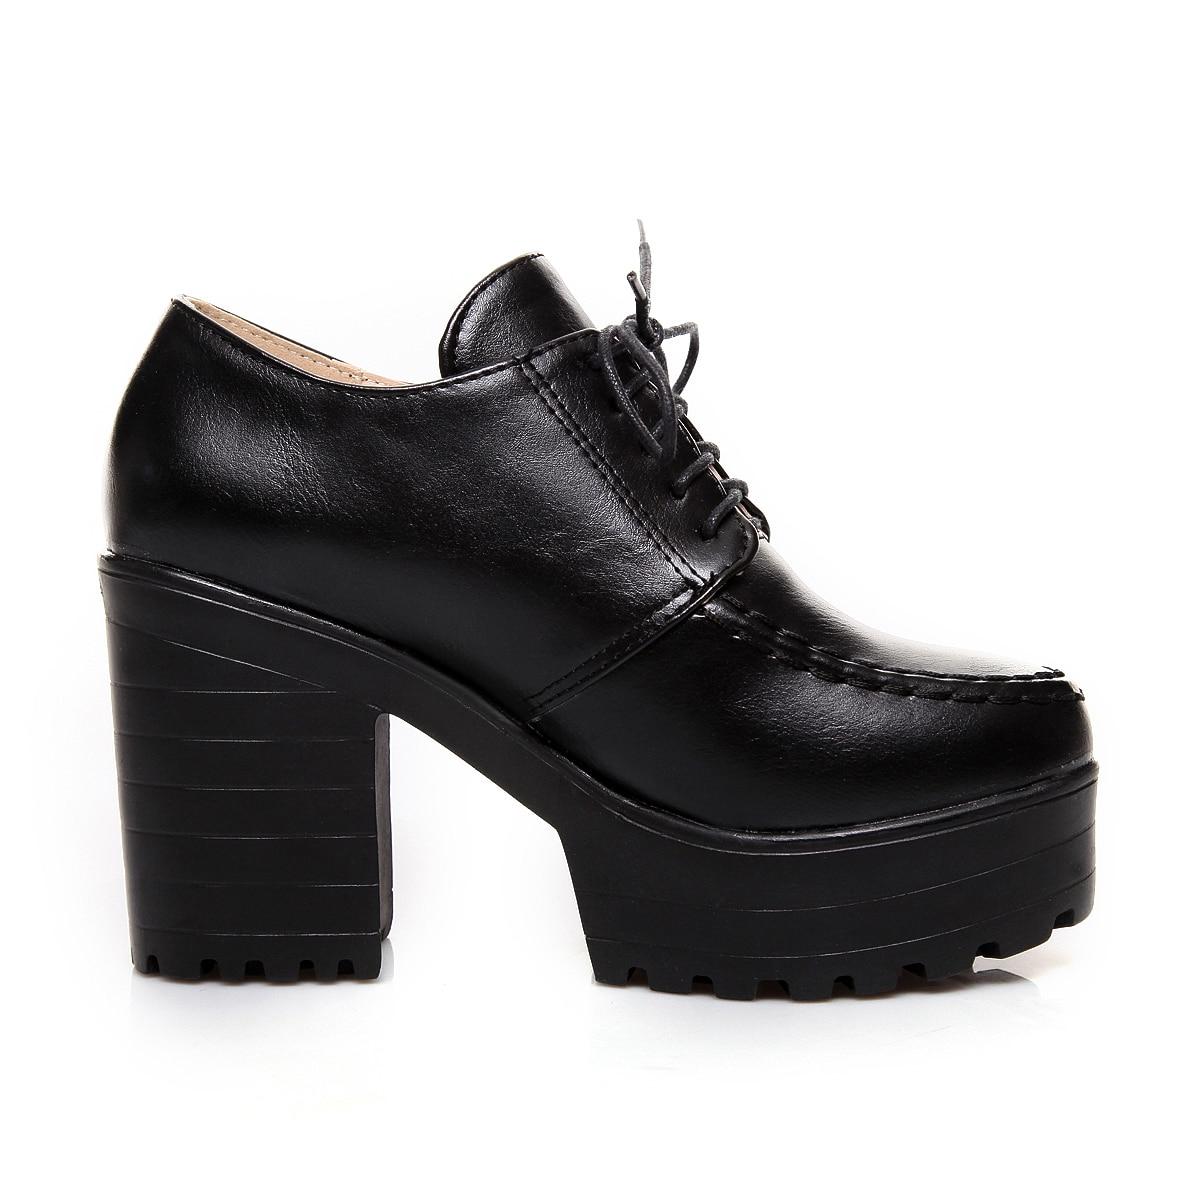 De Negro Nuevos Plataforma 2017 Con azul Mujer gris Zapatos Cordones Tacones Moda Gruesos vino Tinto Altos S4qqwEB